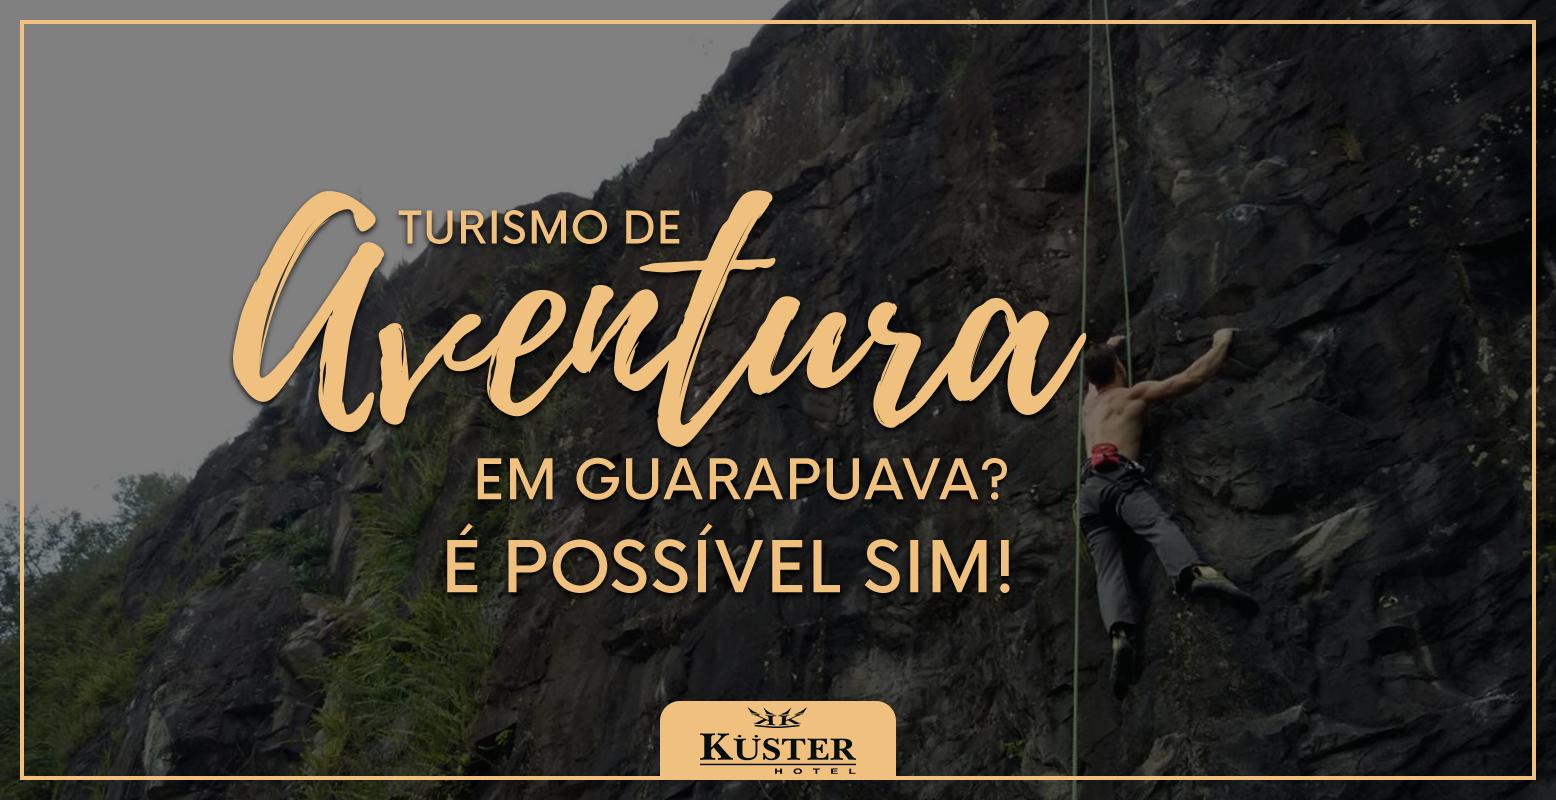 Imagem com paredão de pedras. Texto: Turismo de aventura em Guarapuava? É possível, sim!